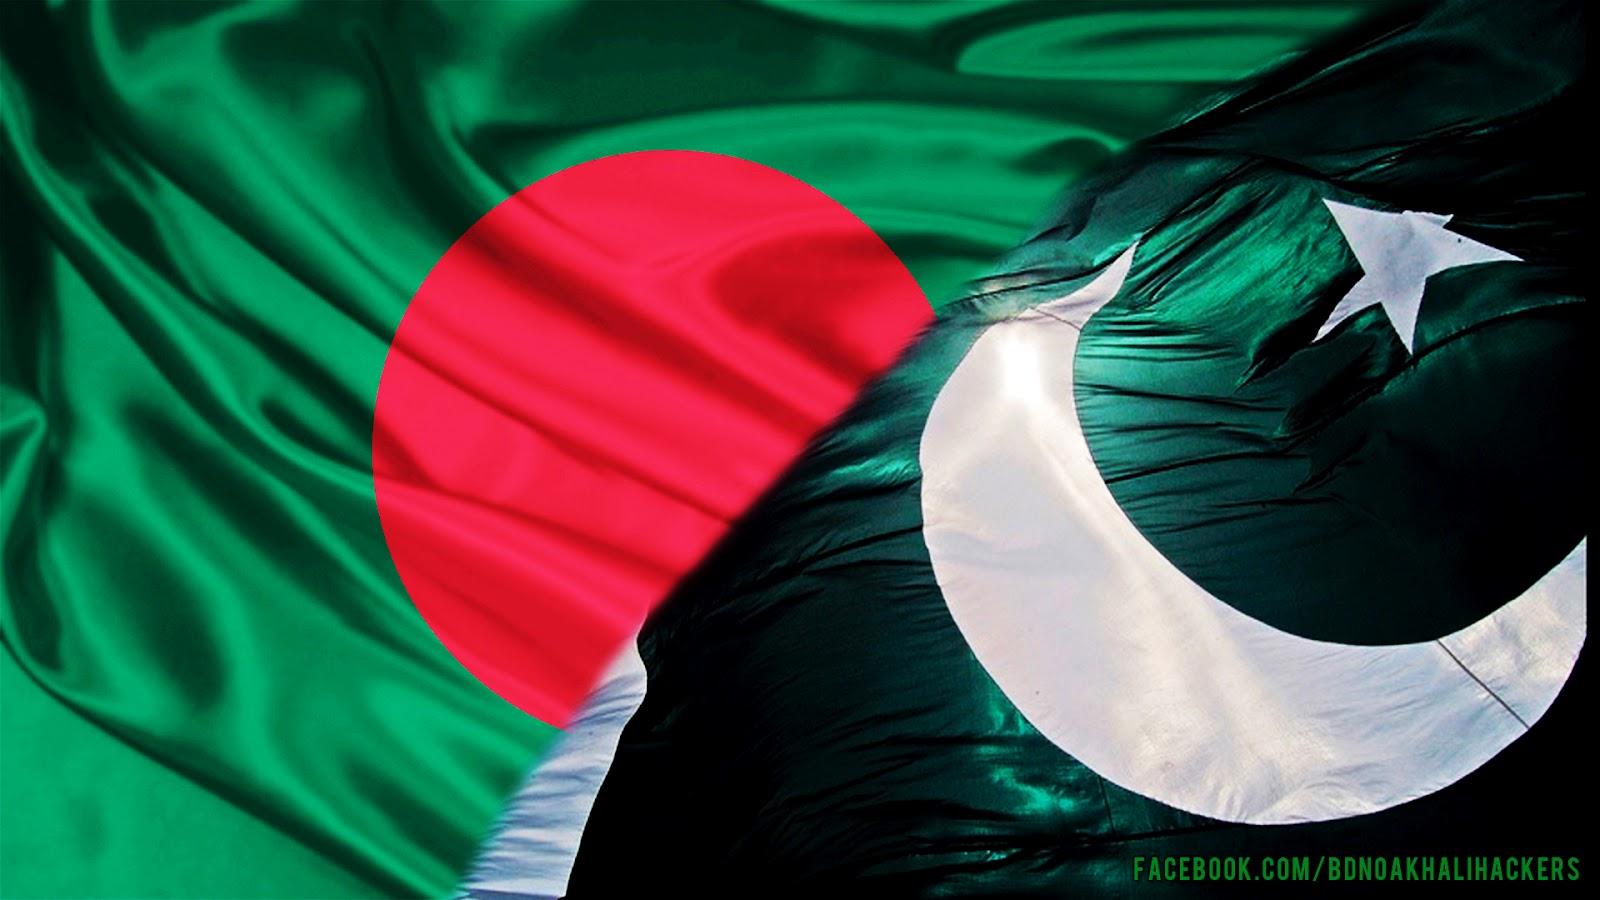 Hd wallpaper download pakistan and bangladesh flag - Bangladesh wallpaper download ...